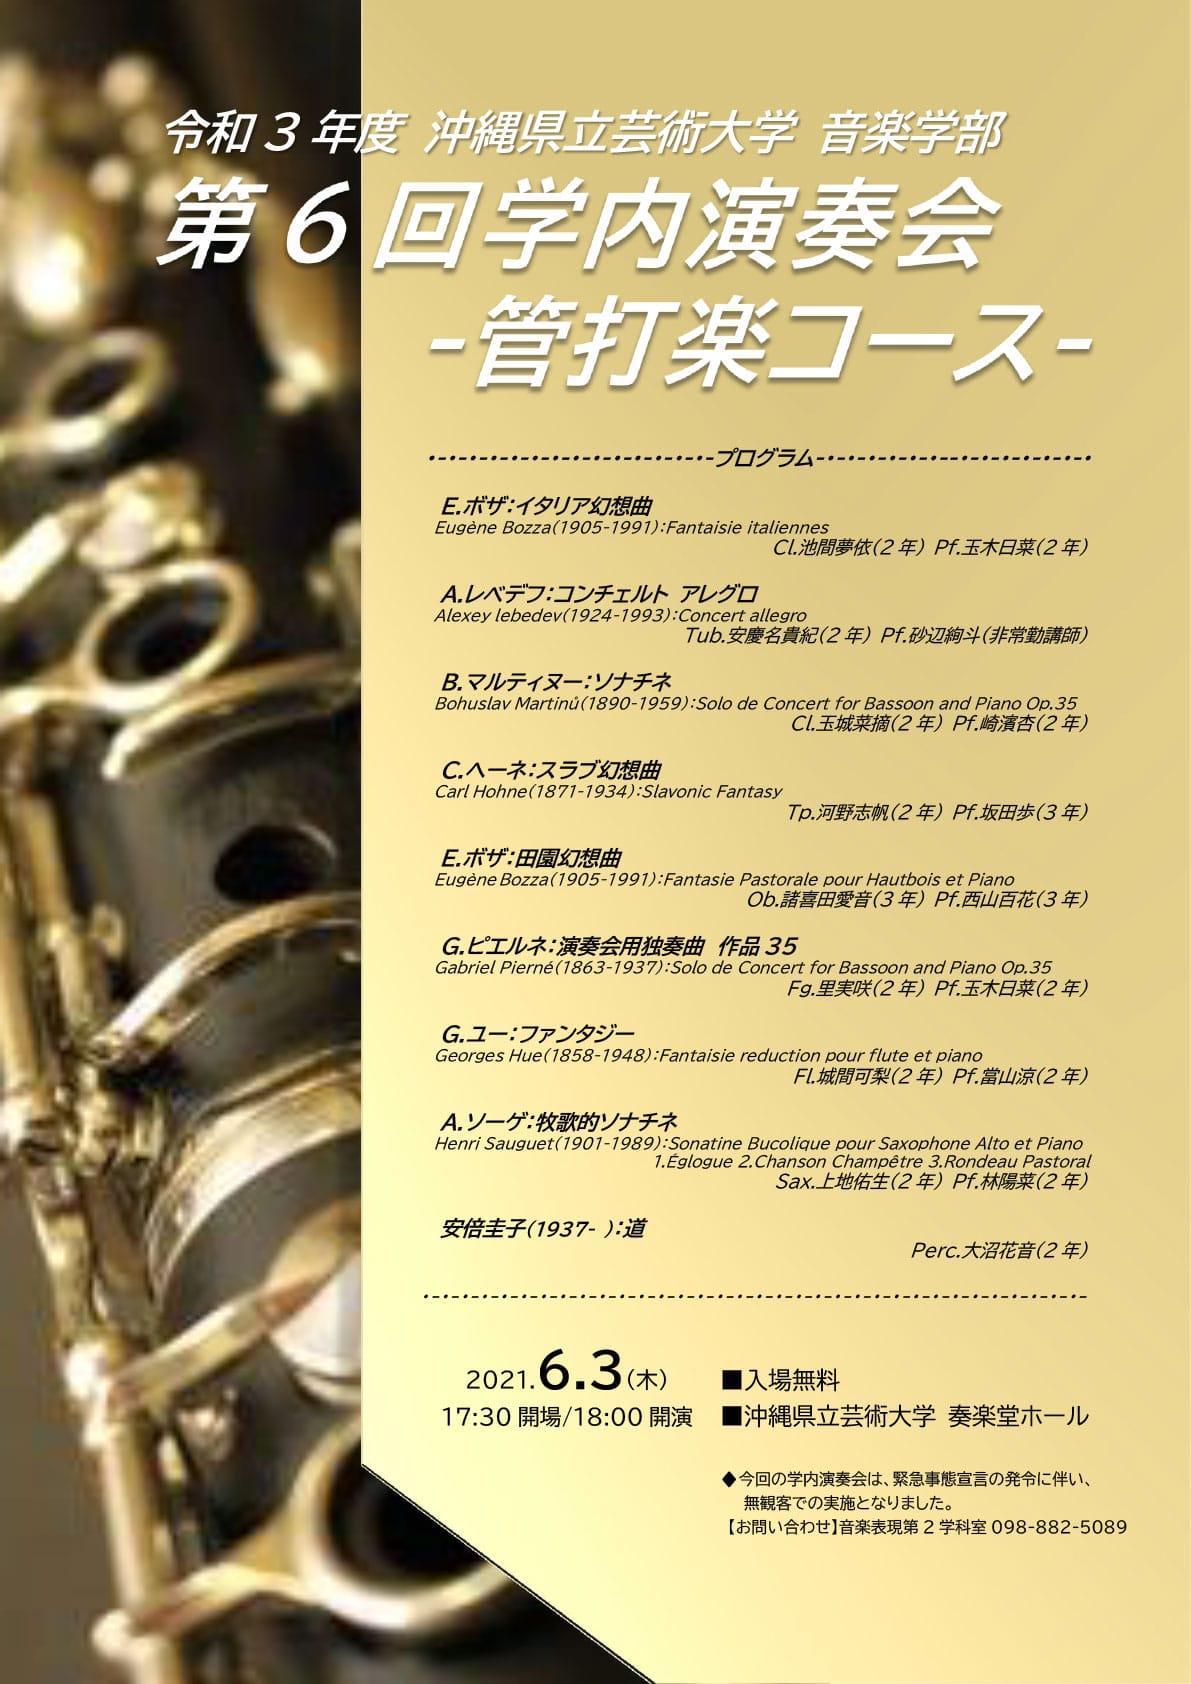 [フライヤー]第6回学内演奏会 ―管打楽コース―